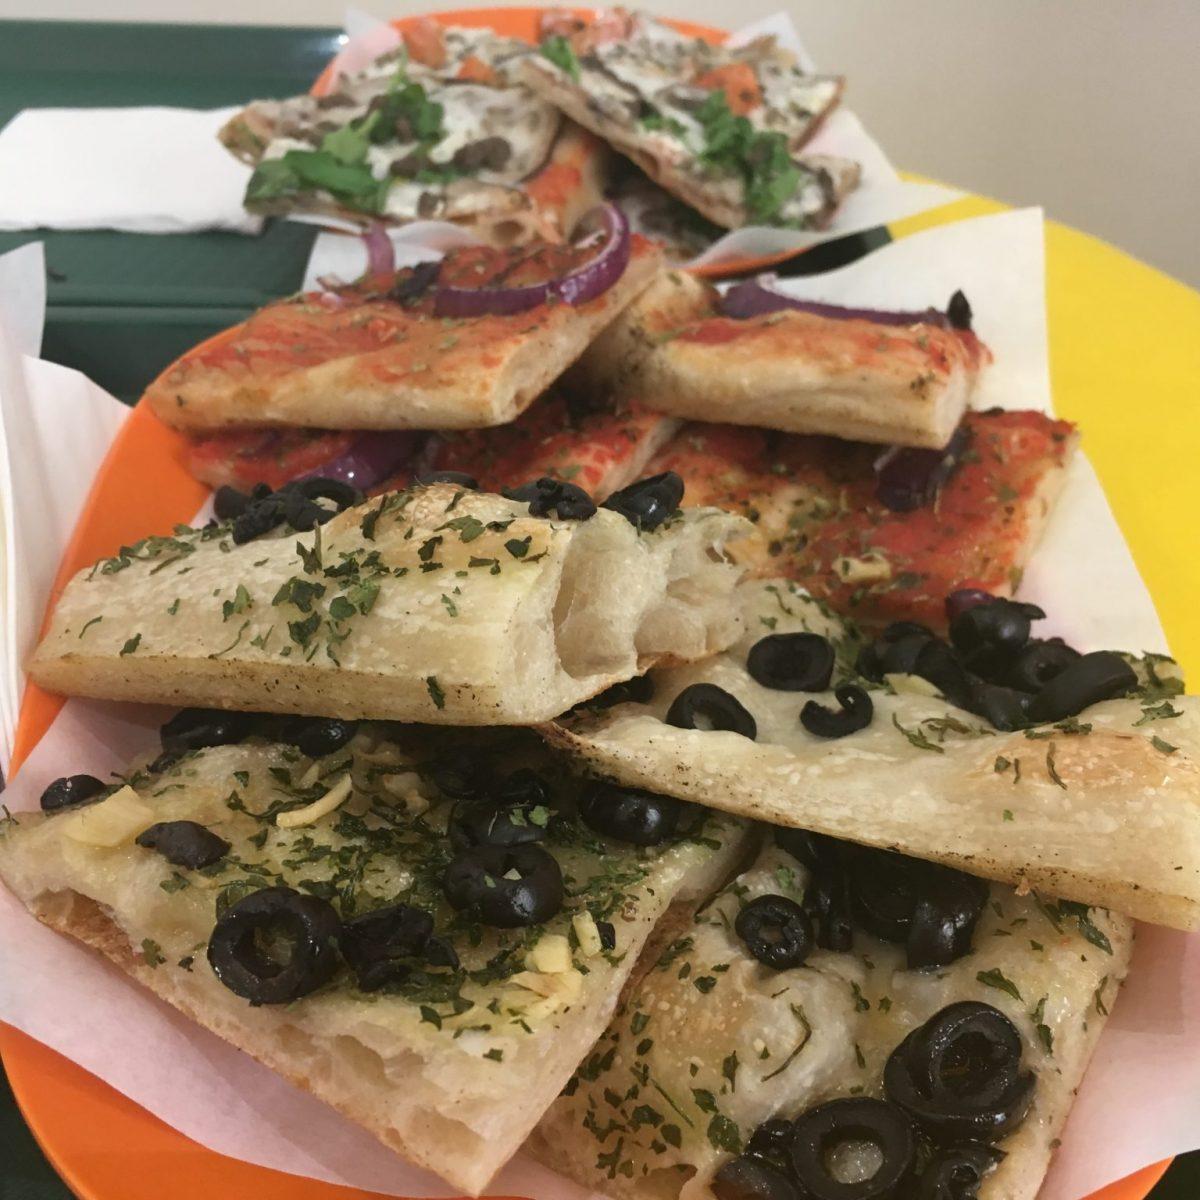 pizza al taglio - fast food pizza in Italy